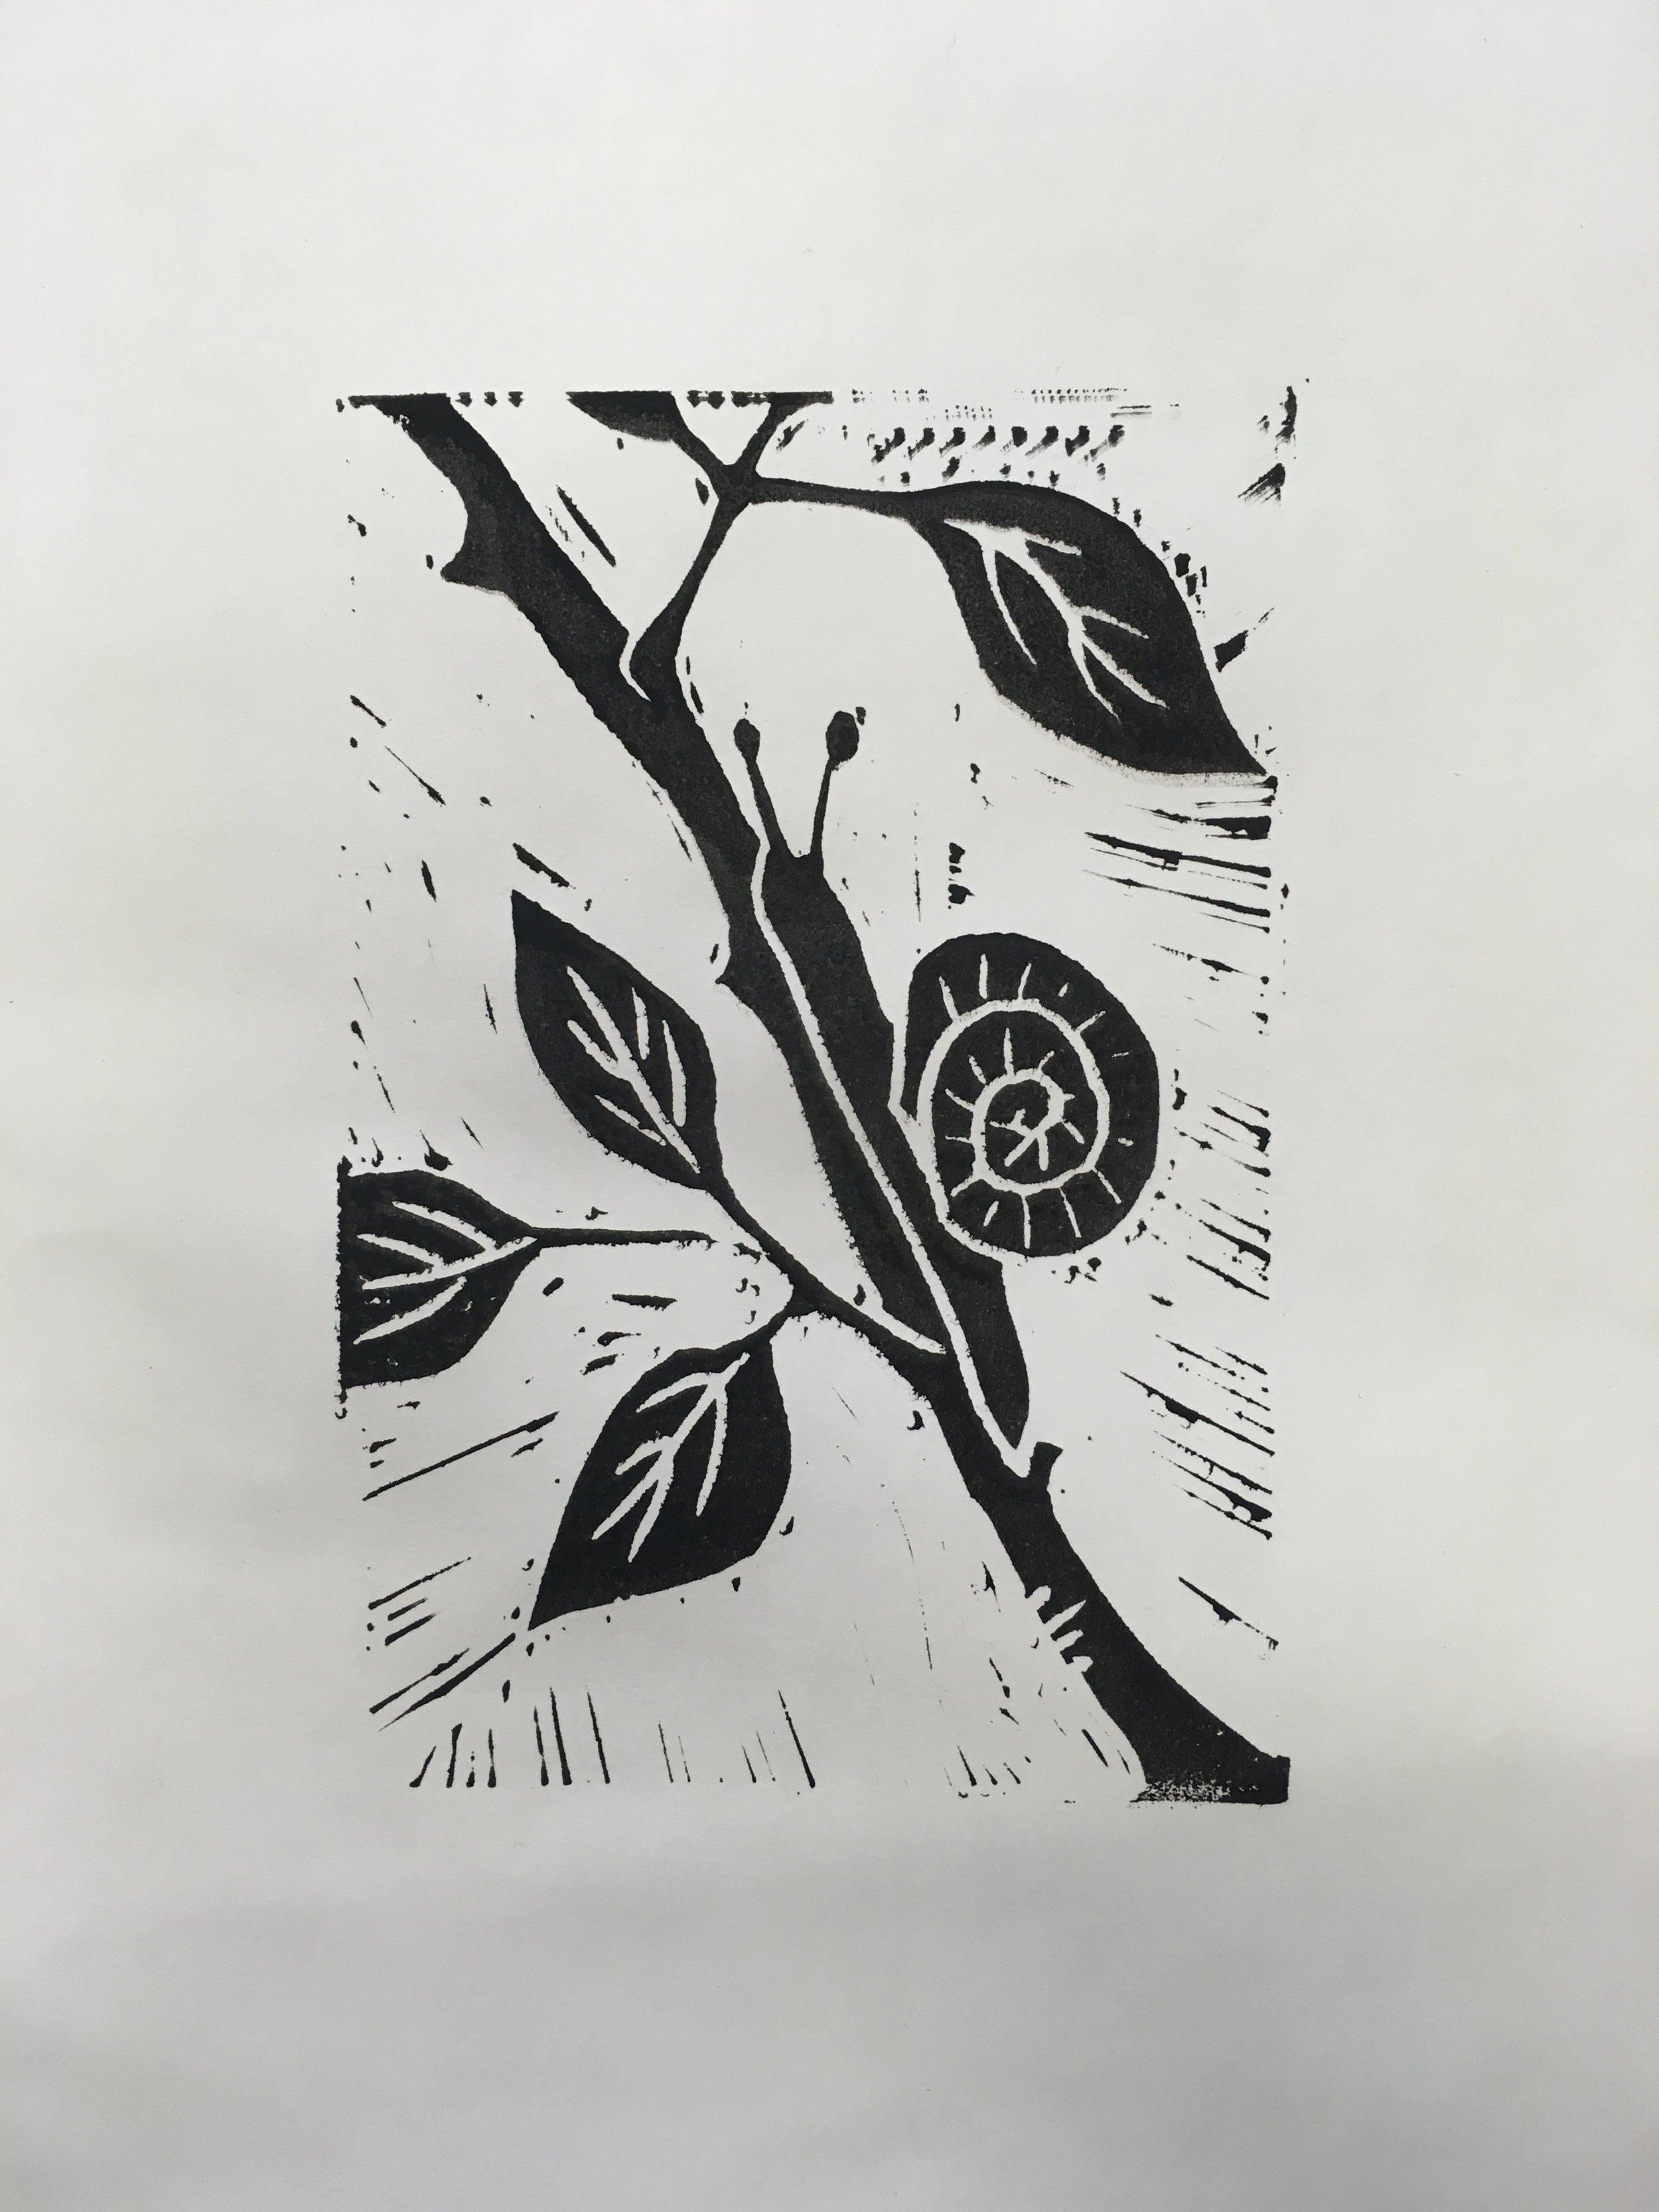 En snegl på vej. Prøvetryk af linoleumssnit. Gertrude Kiel. Juni 2019